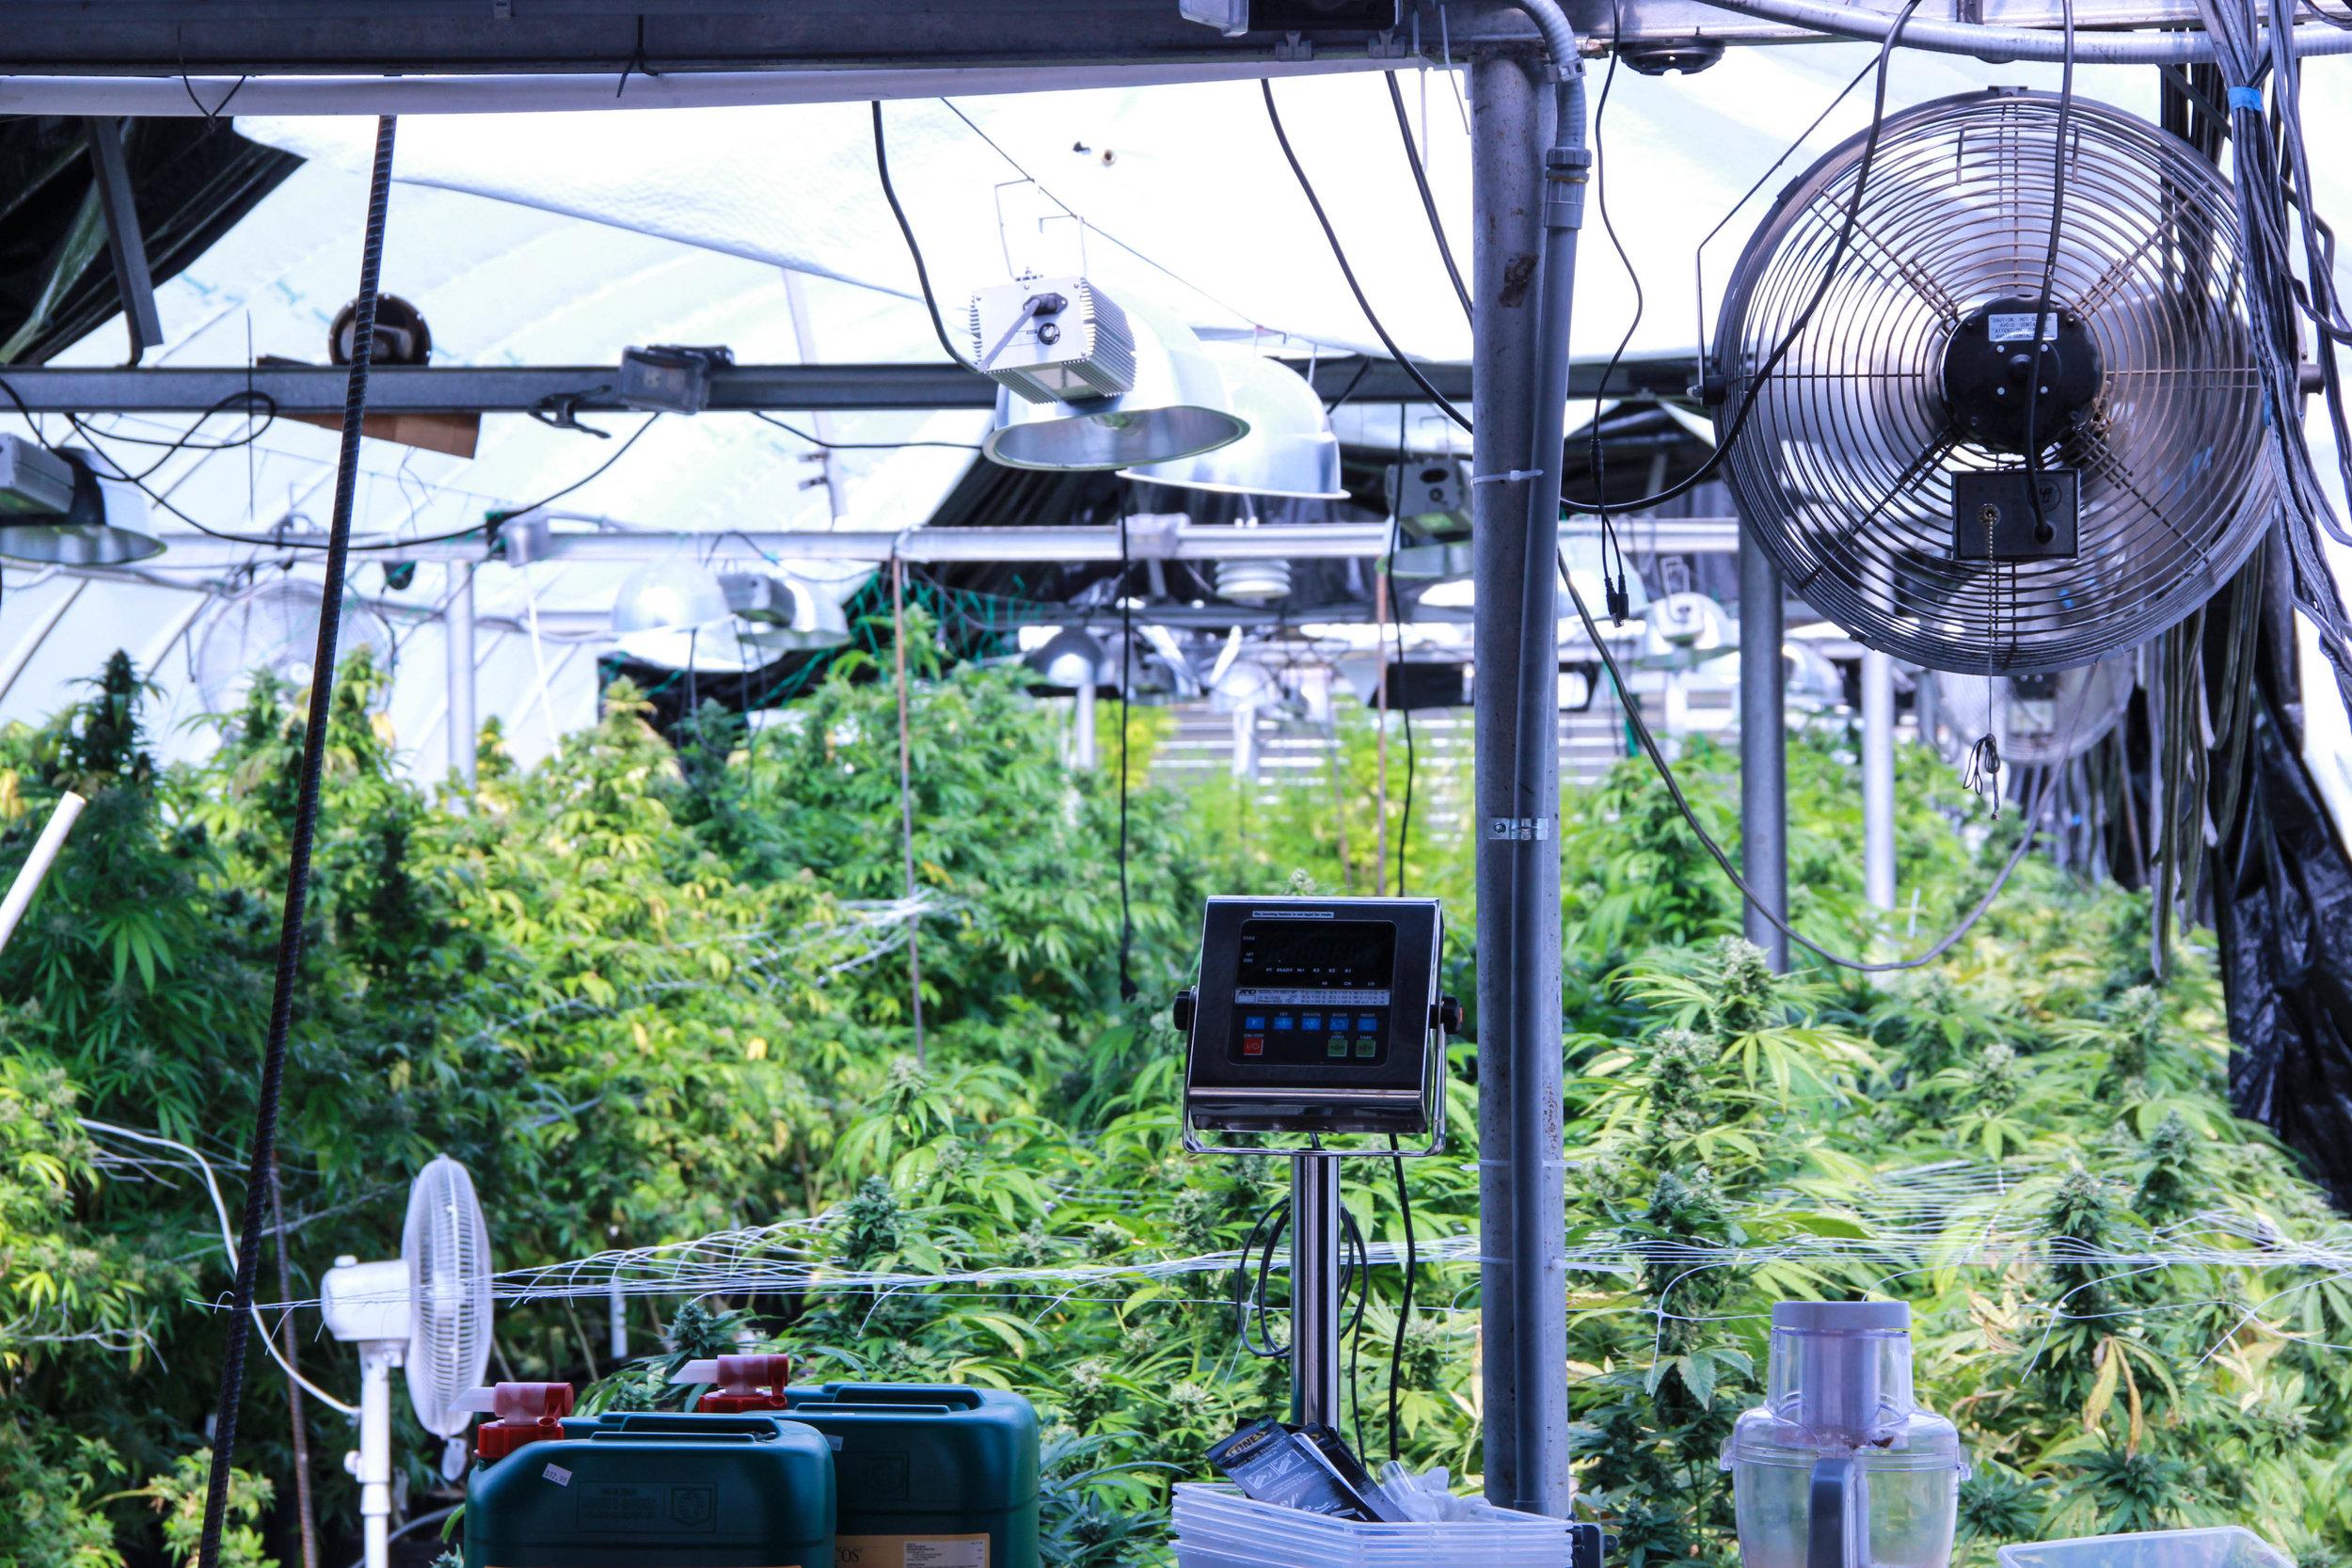 Mountain High Garden Cannabis Greenhouse